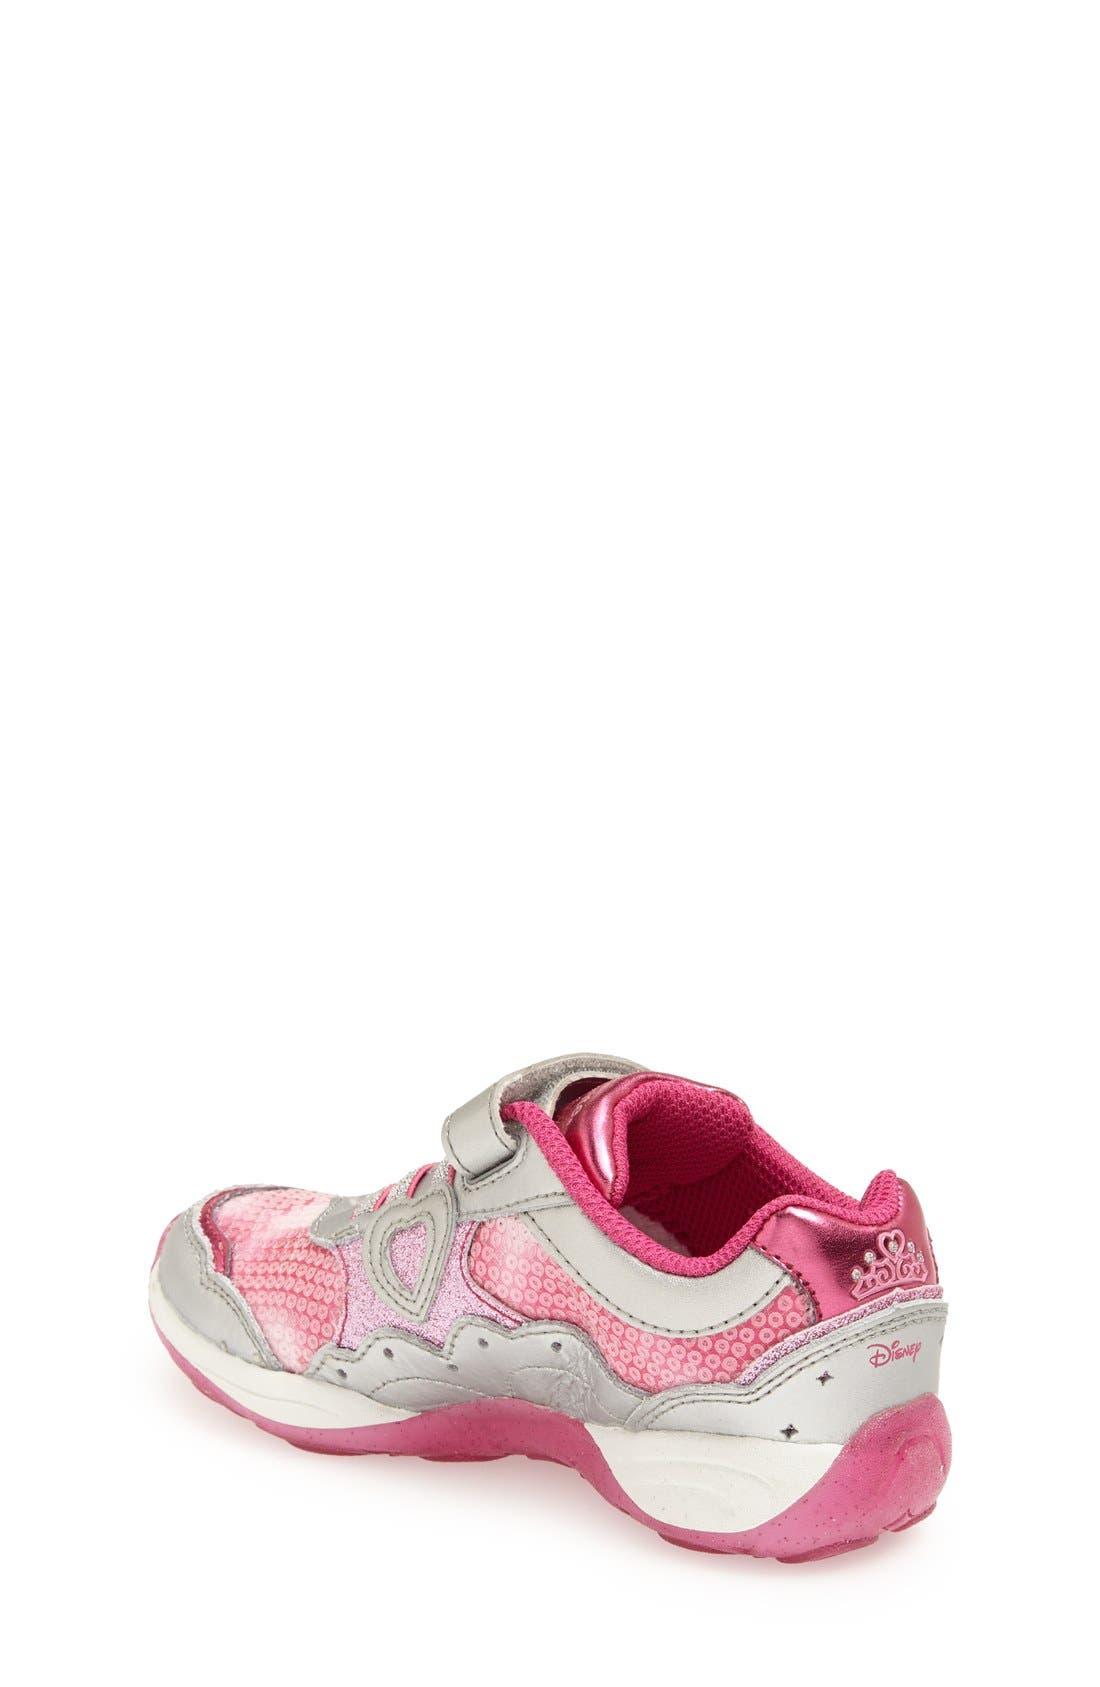 Alternate Image 2  - Stride Rite 'Disney Wish Lights - Belle' Light-Up Sneaker (Walker, Toddler & Little Kid)